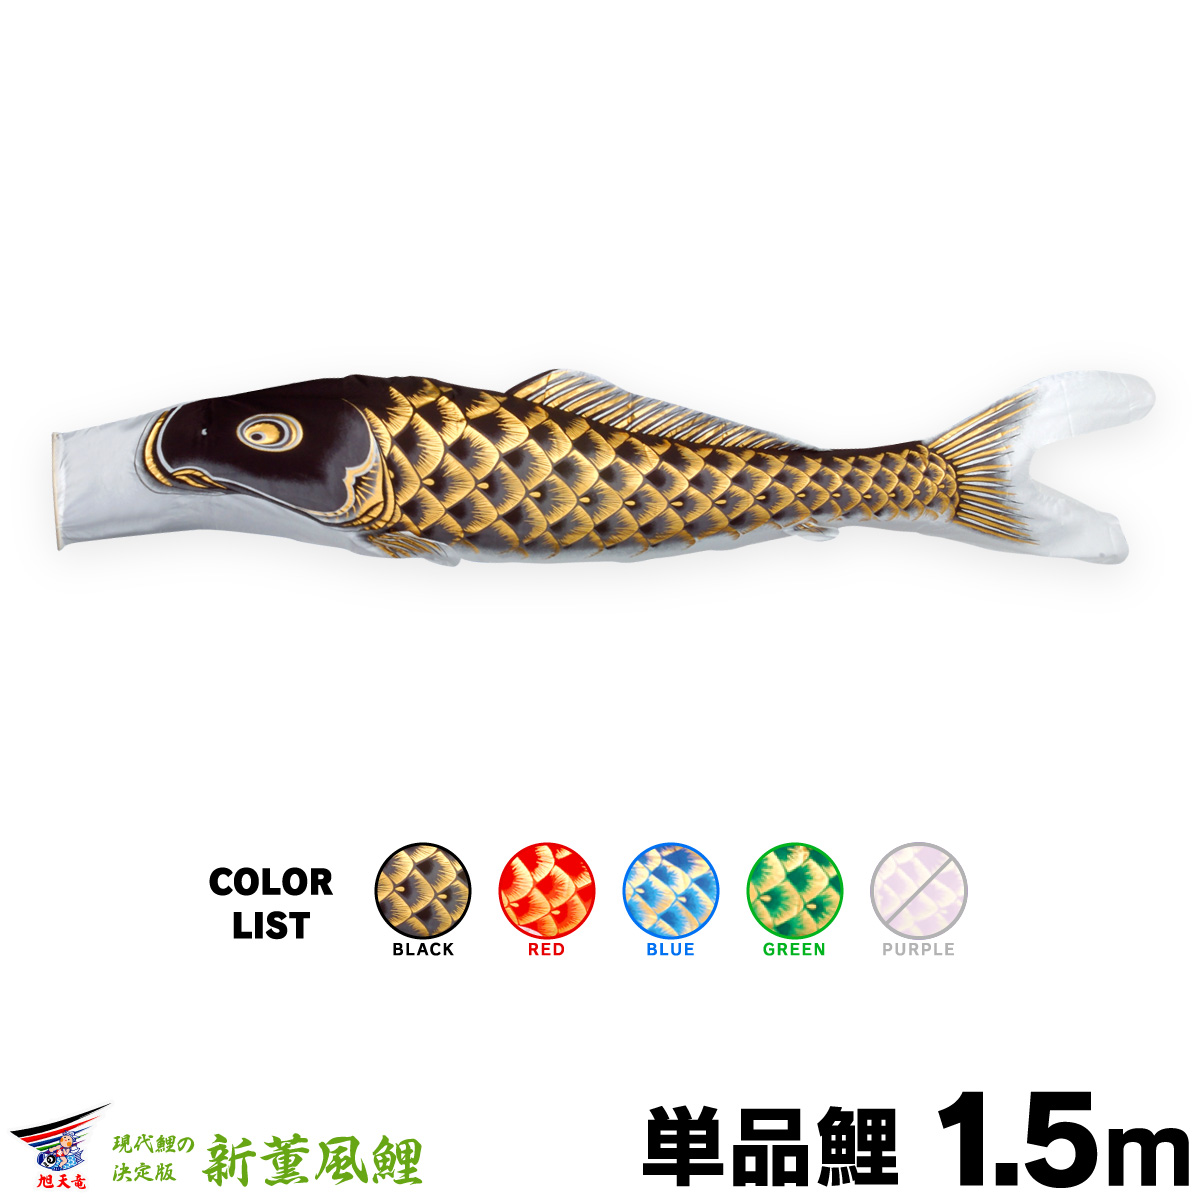 【こいのぼり 単品】 新薫風 1.5m 単品鯉